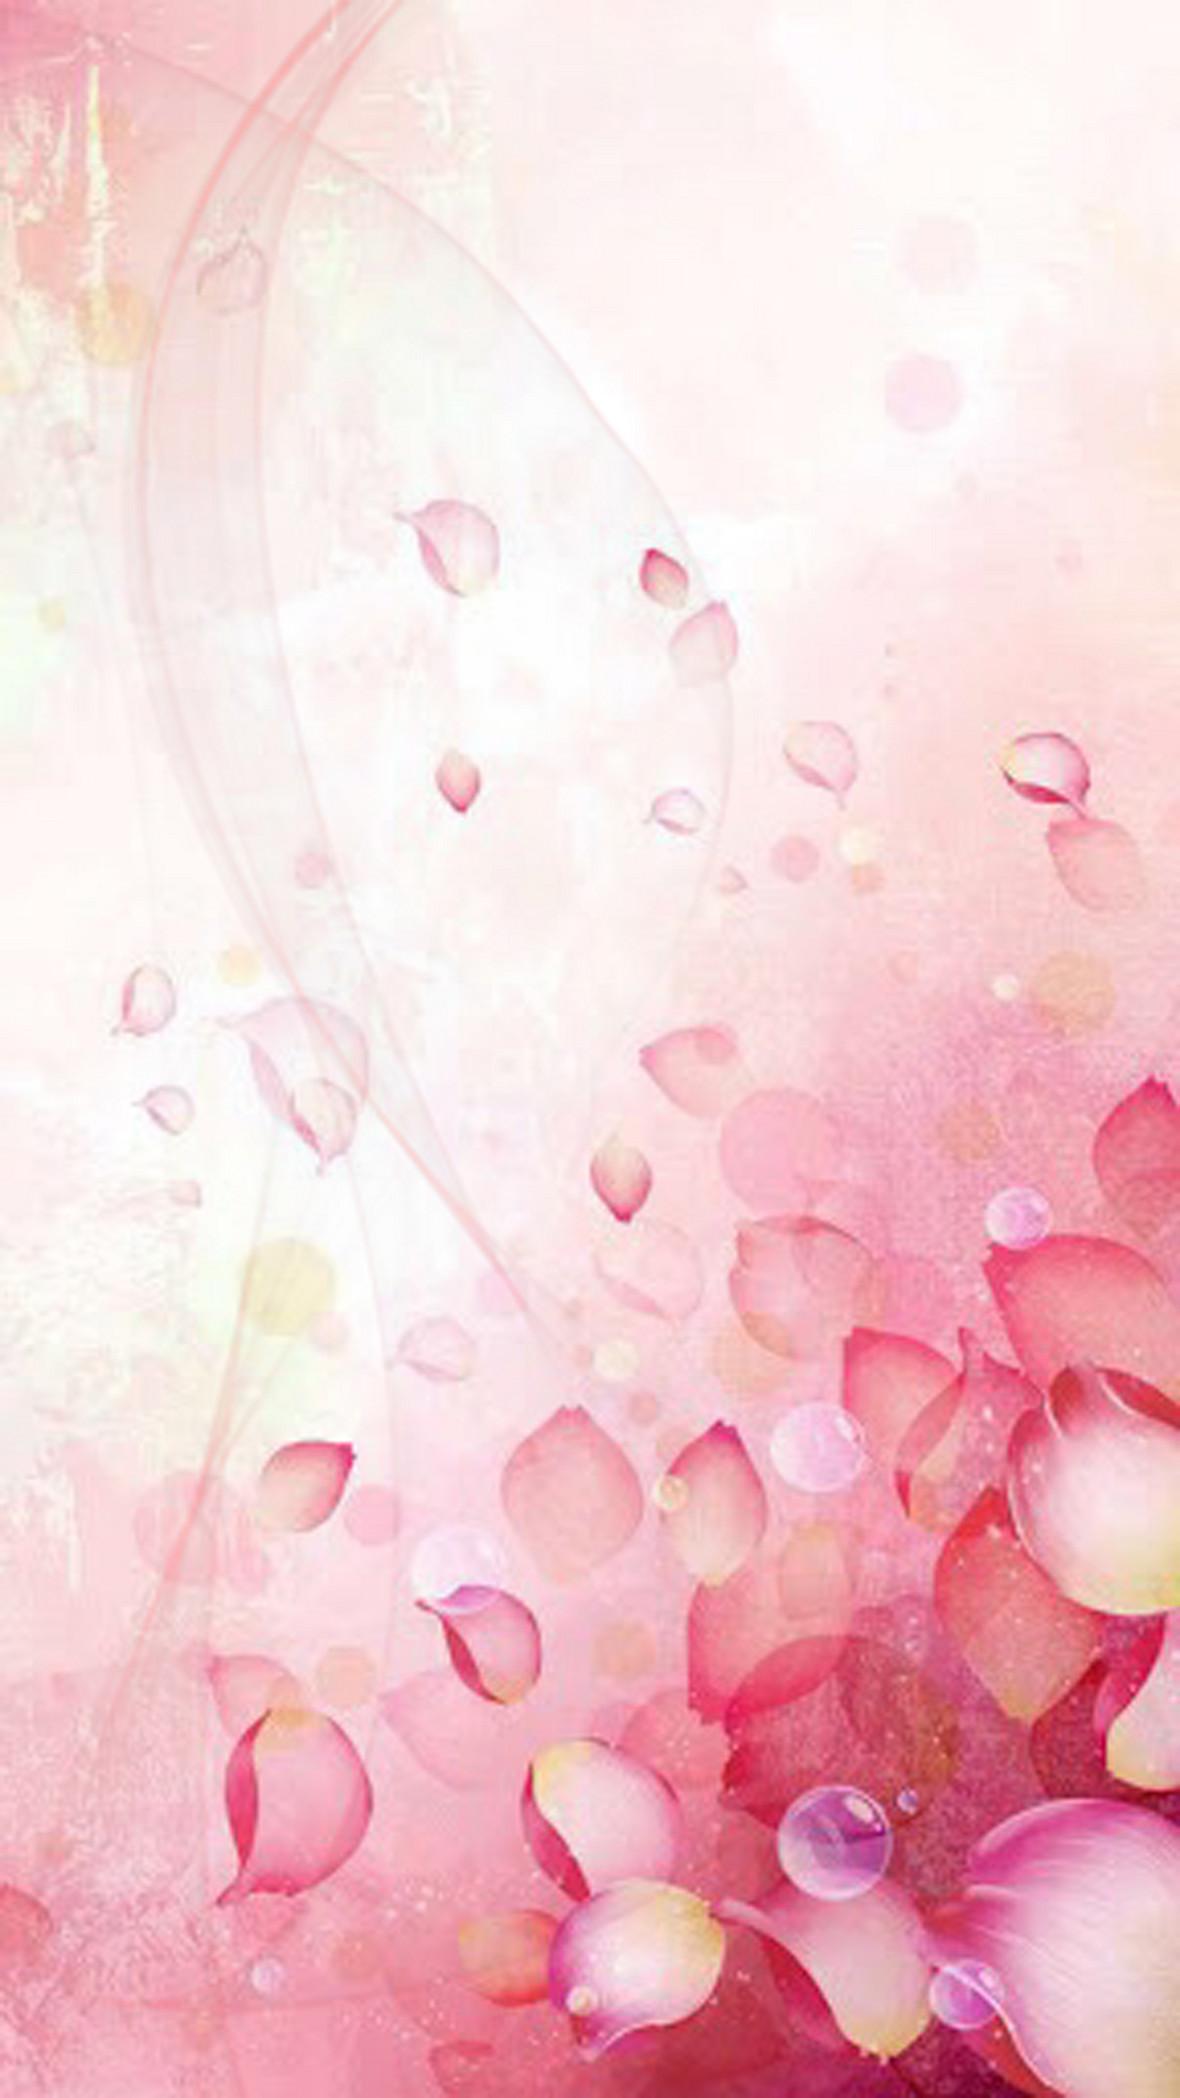 唯美露珠花瓣化妆品海报背景素材